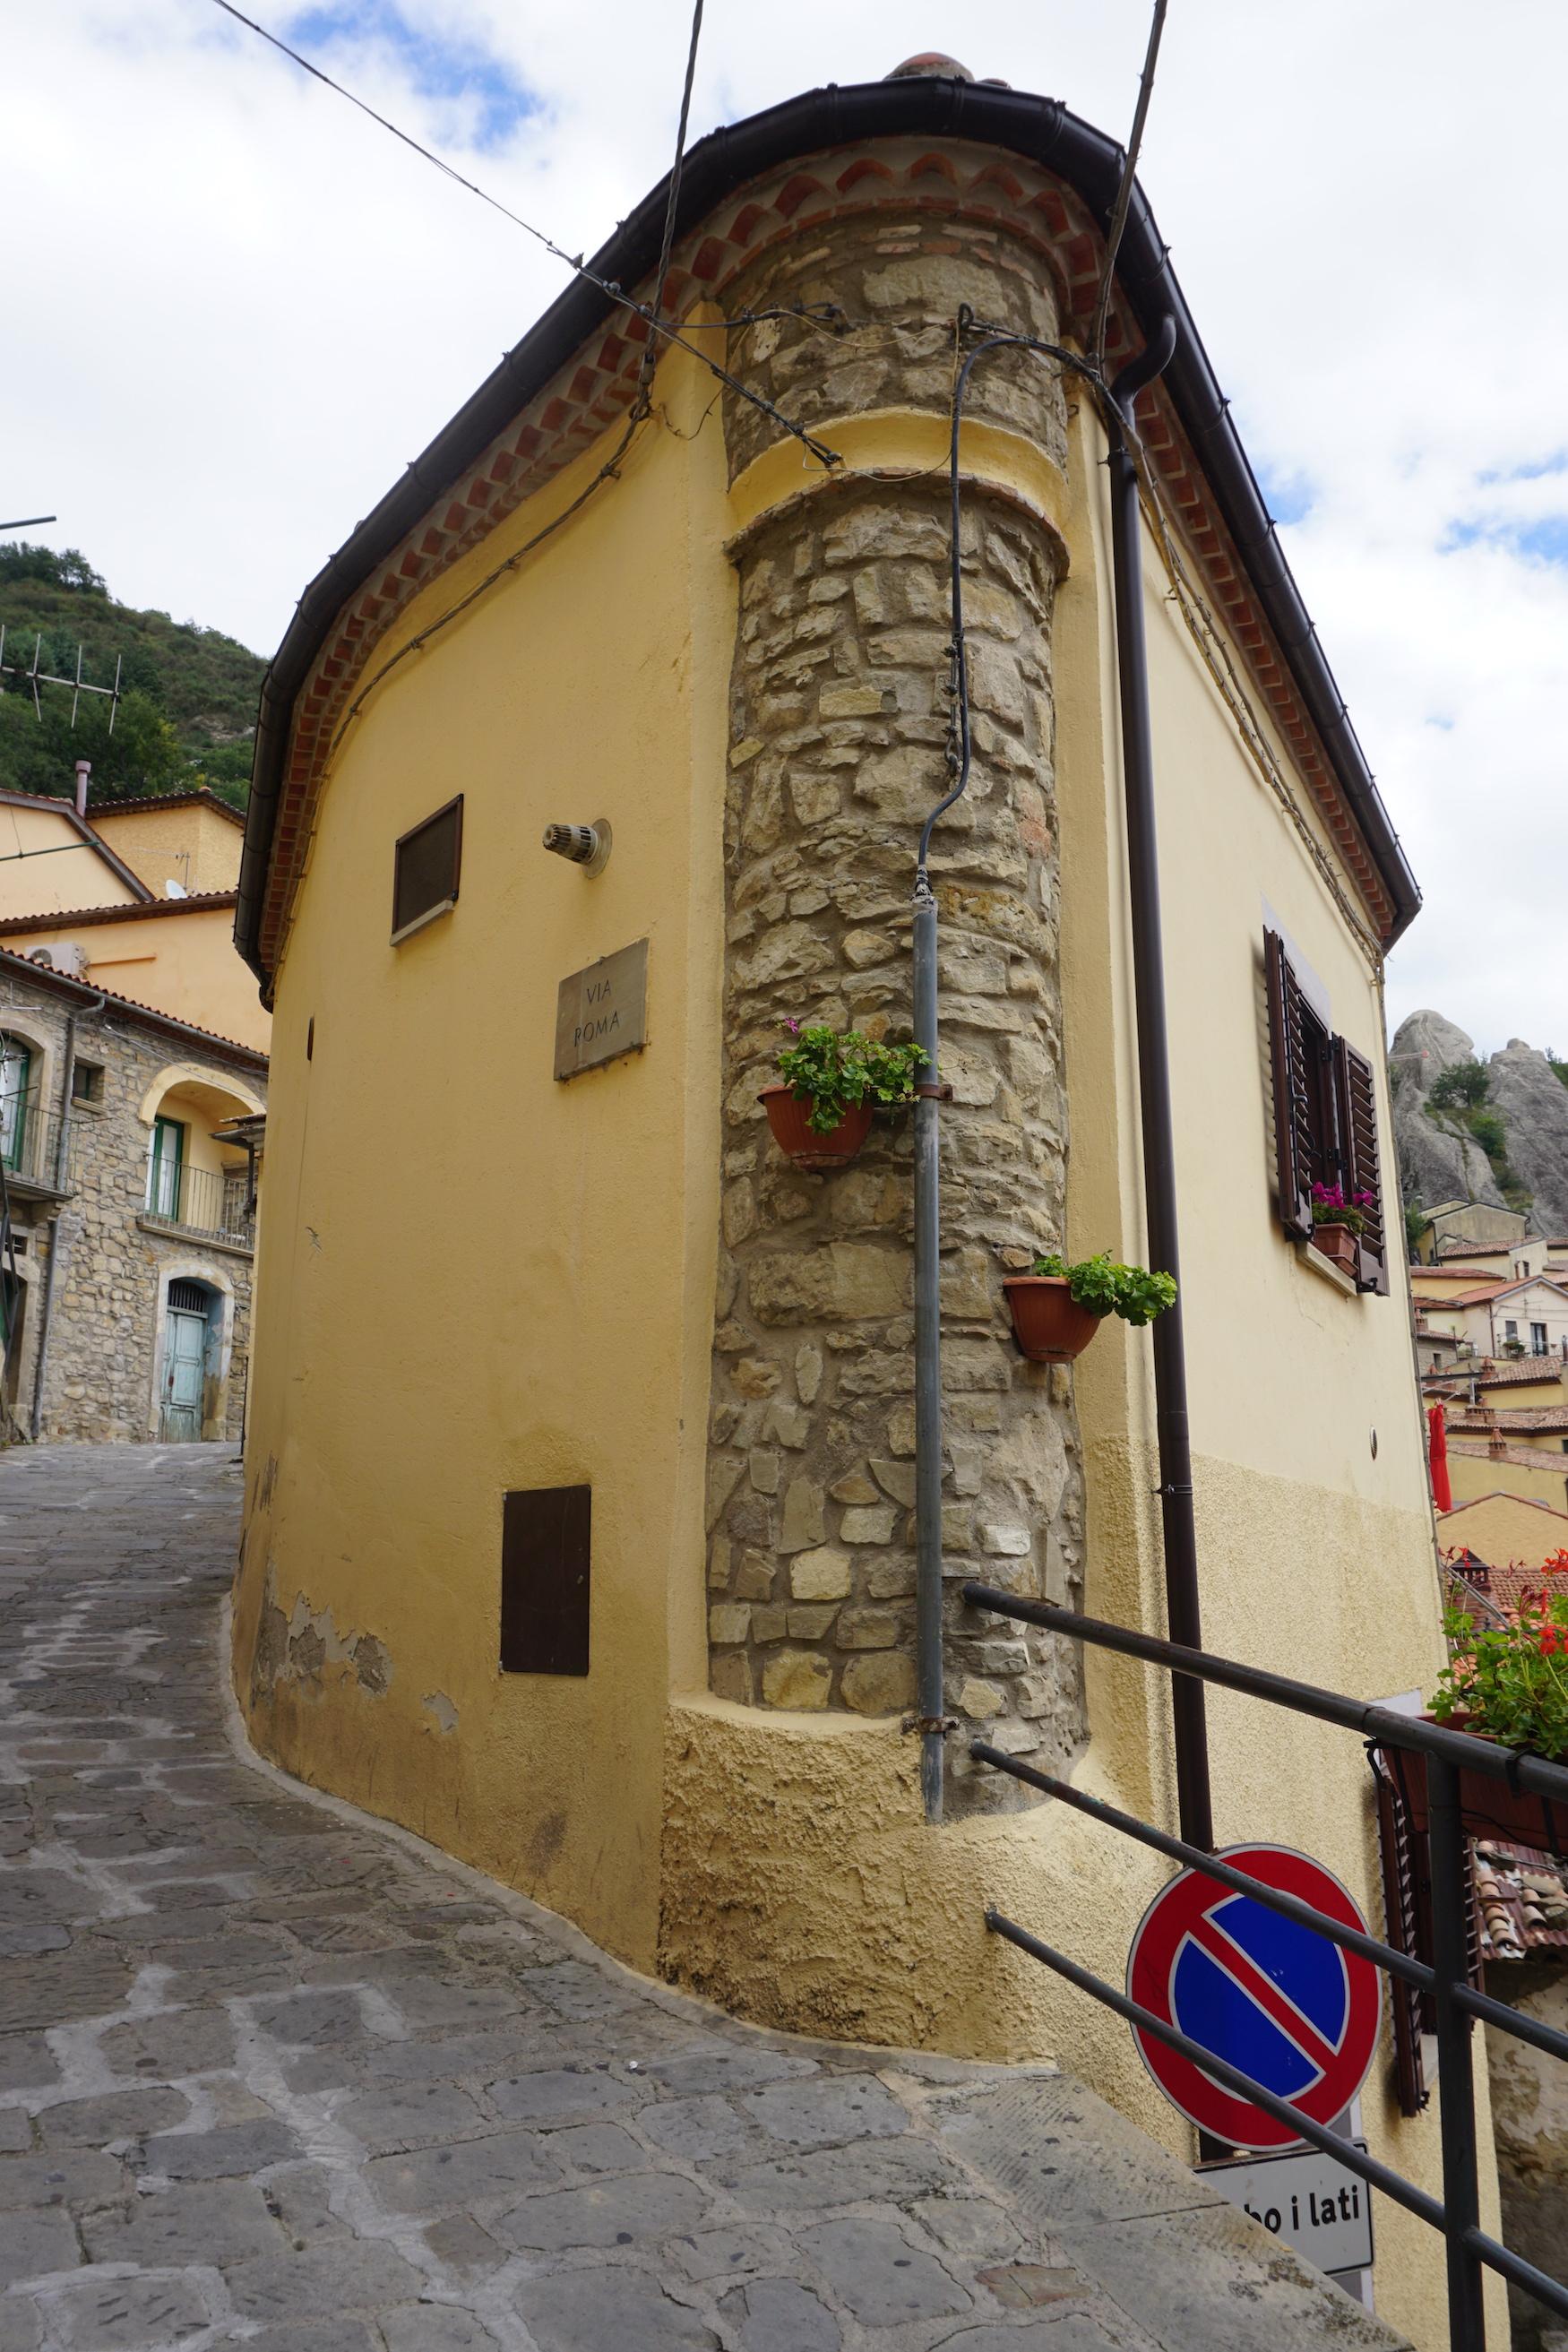 castelmezzano in pictures